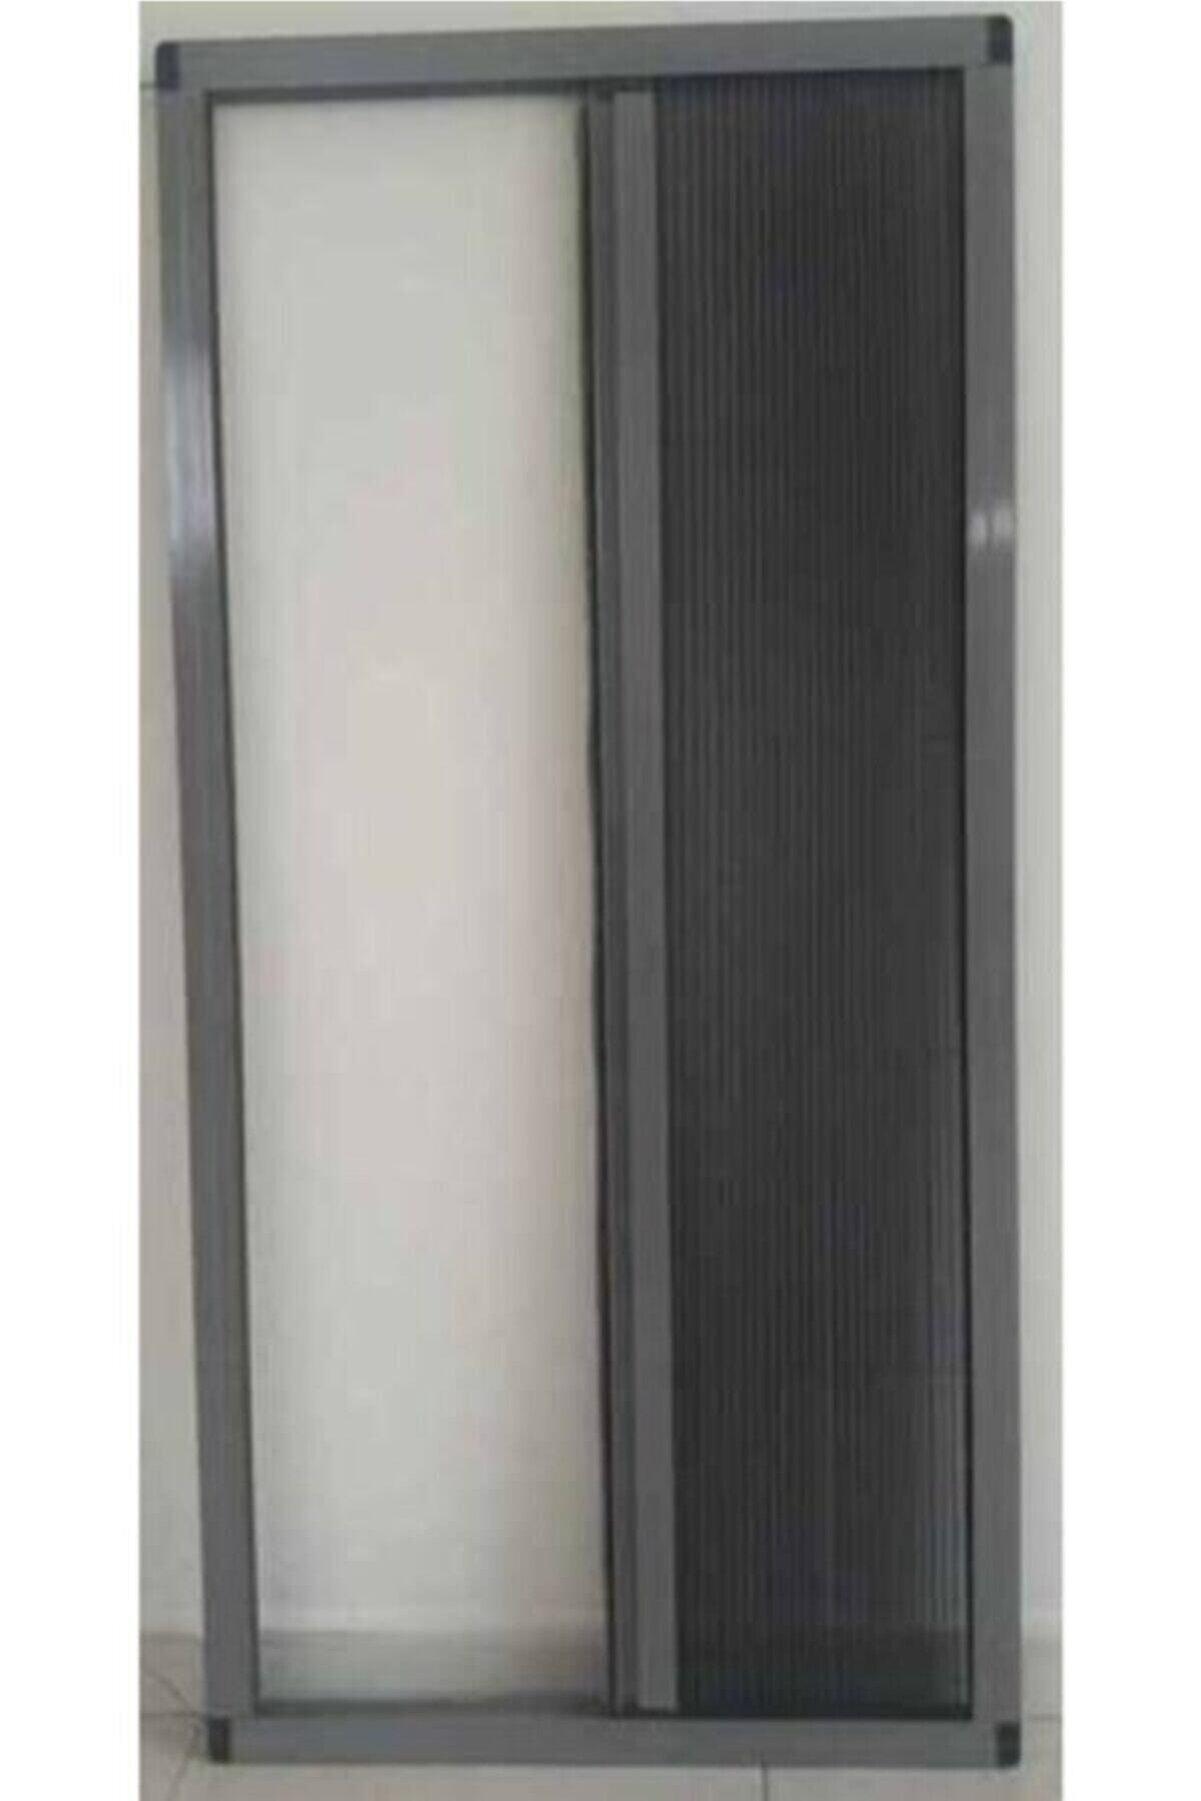 KARABEYOĞULLARI Gri Plise Sineklik Akordiyon Sürgülü Pileli Sineklik Kapı ve Pencere 40-60x80-100